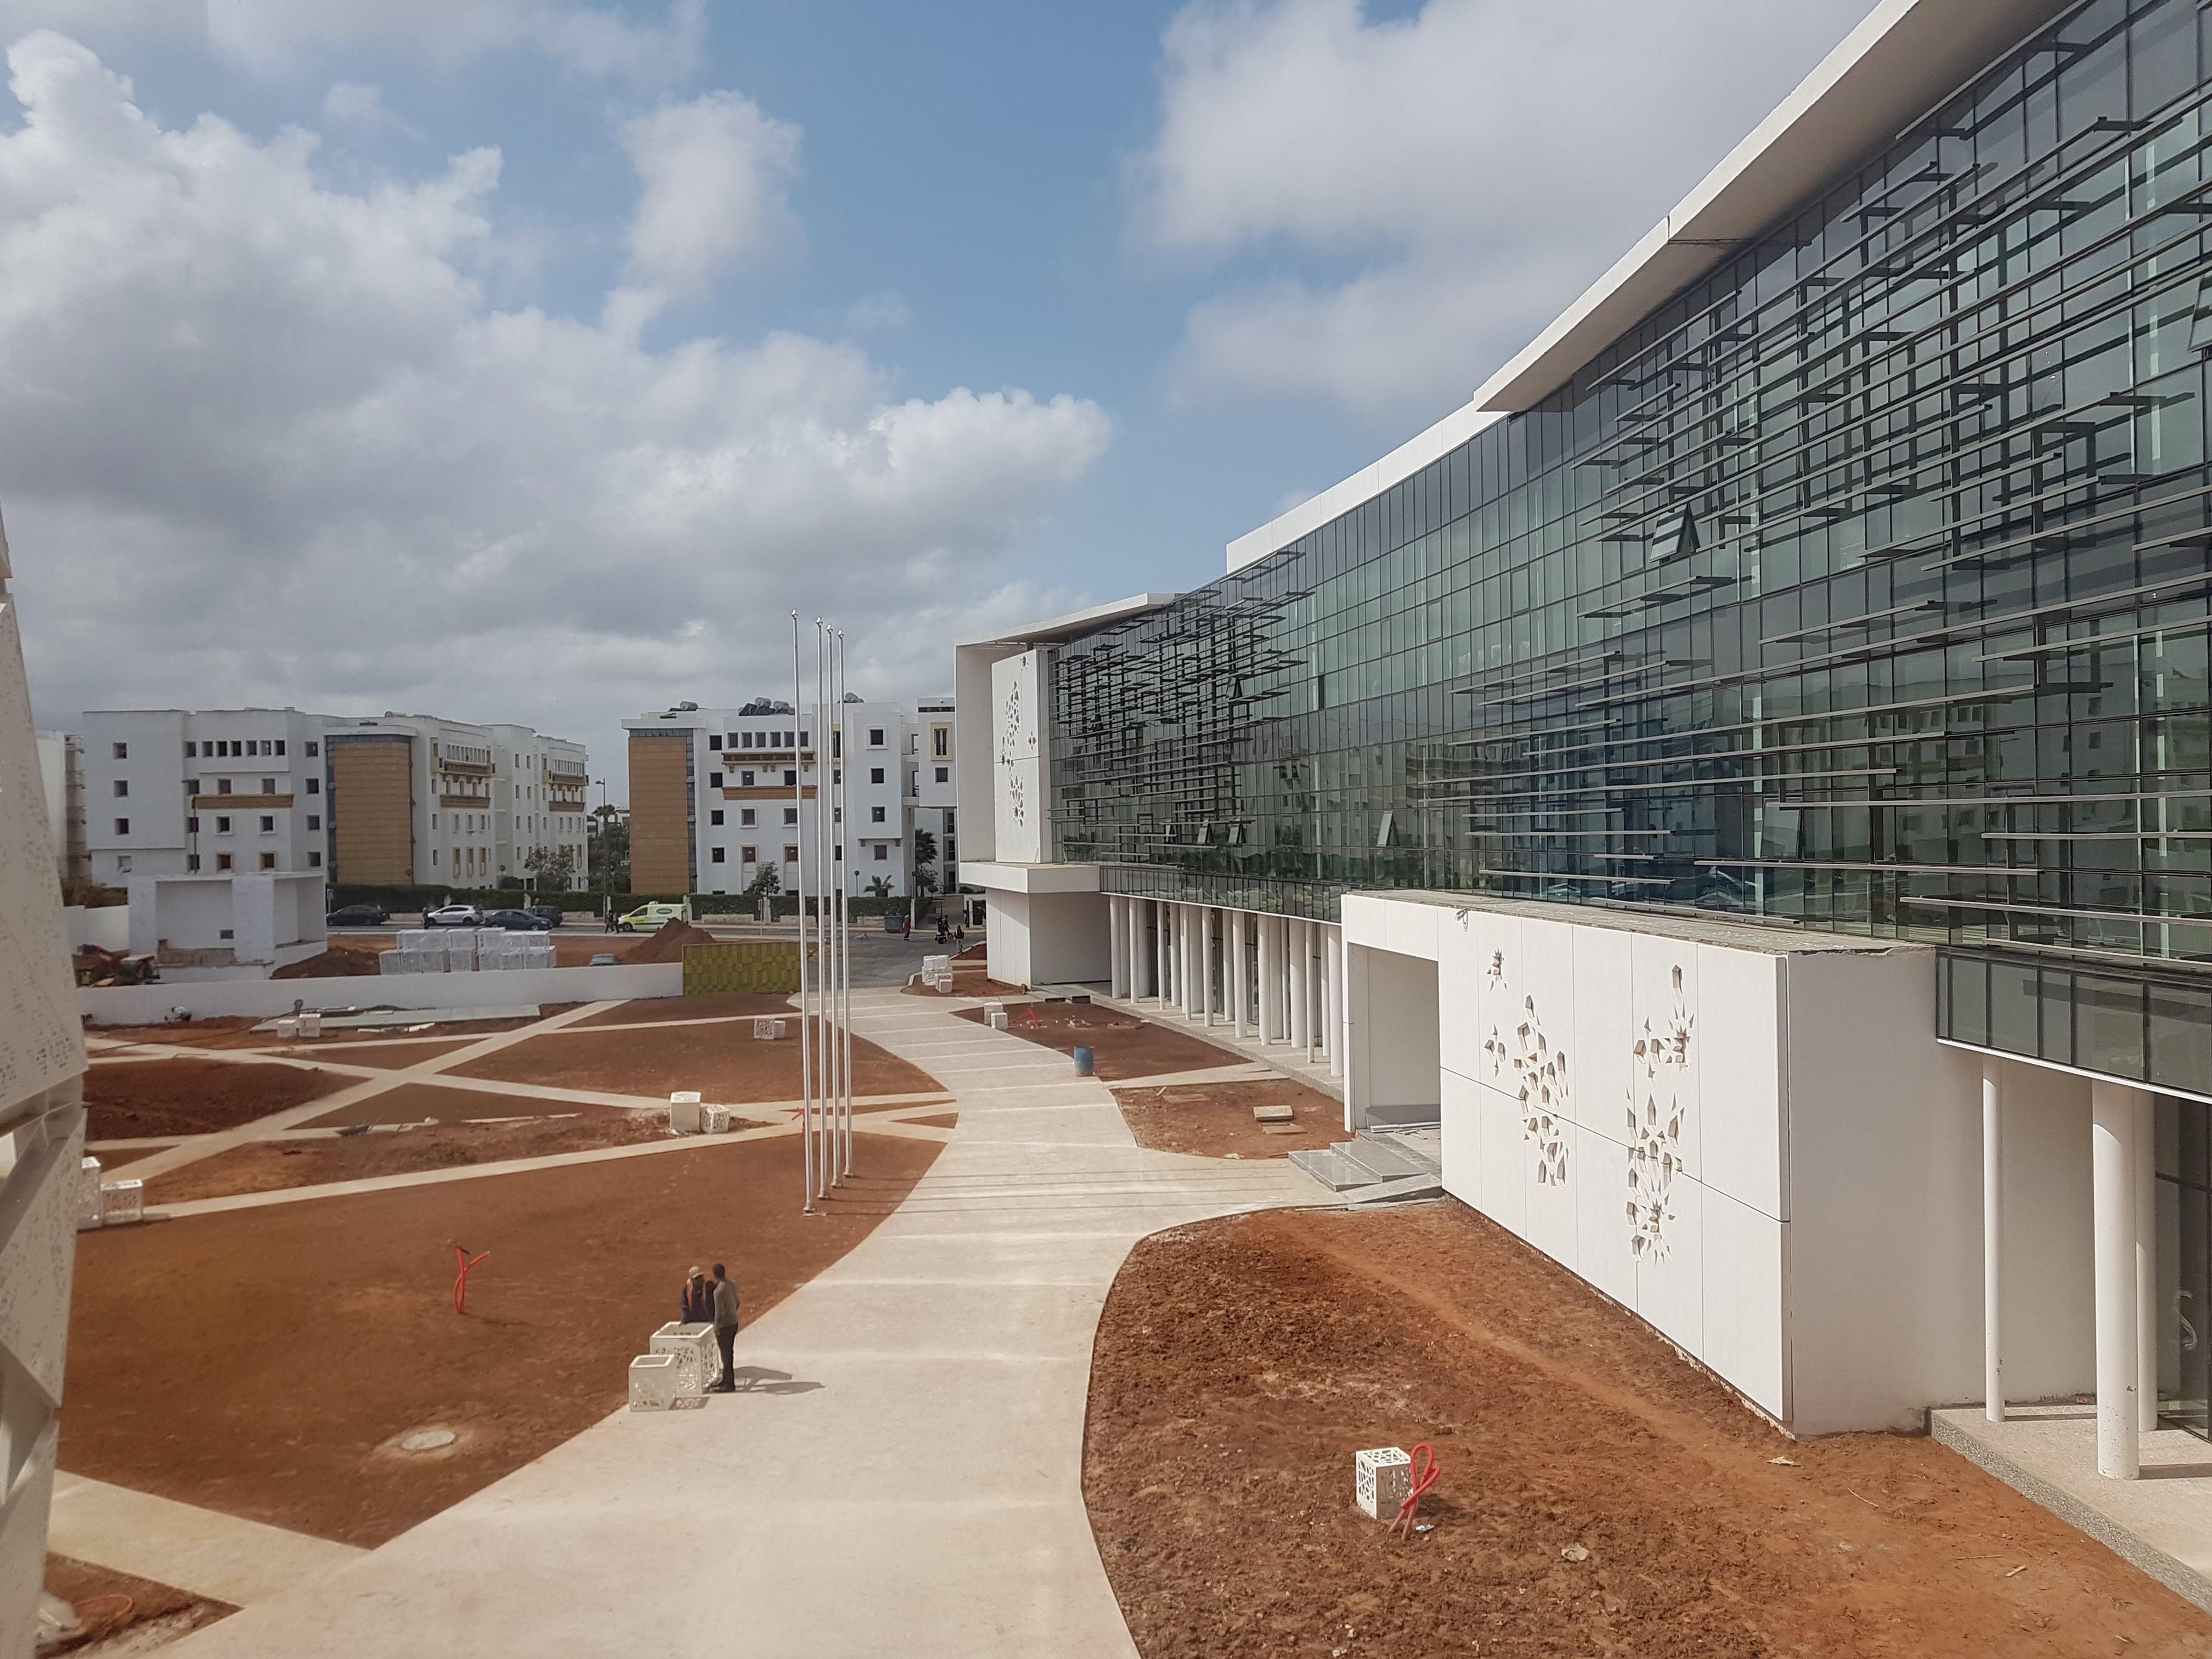 Lalla Khadija multidisciplinary training center in Rabat.